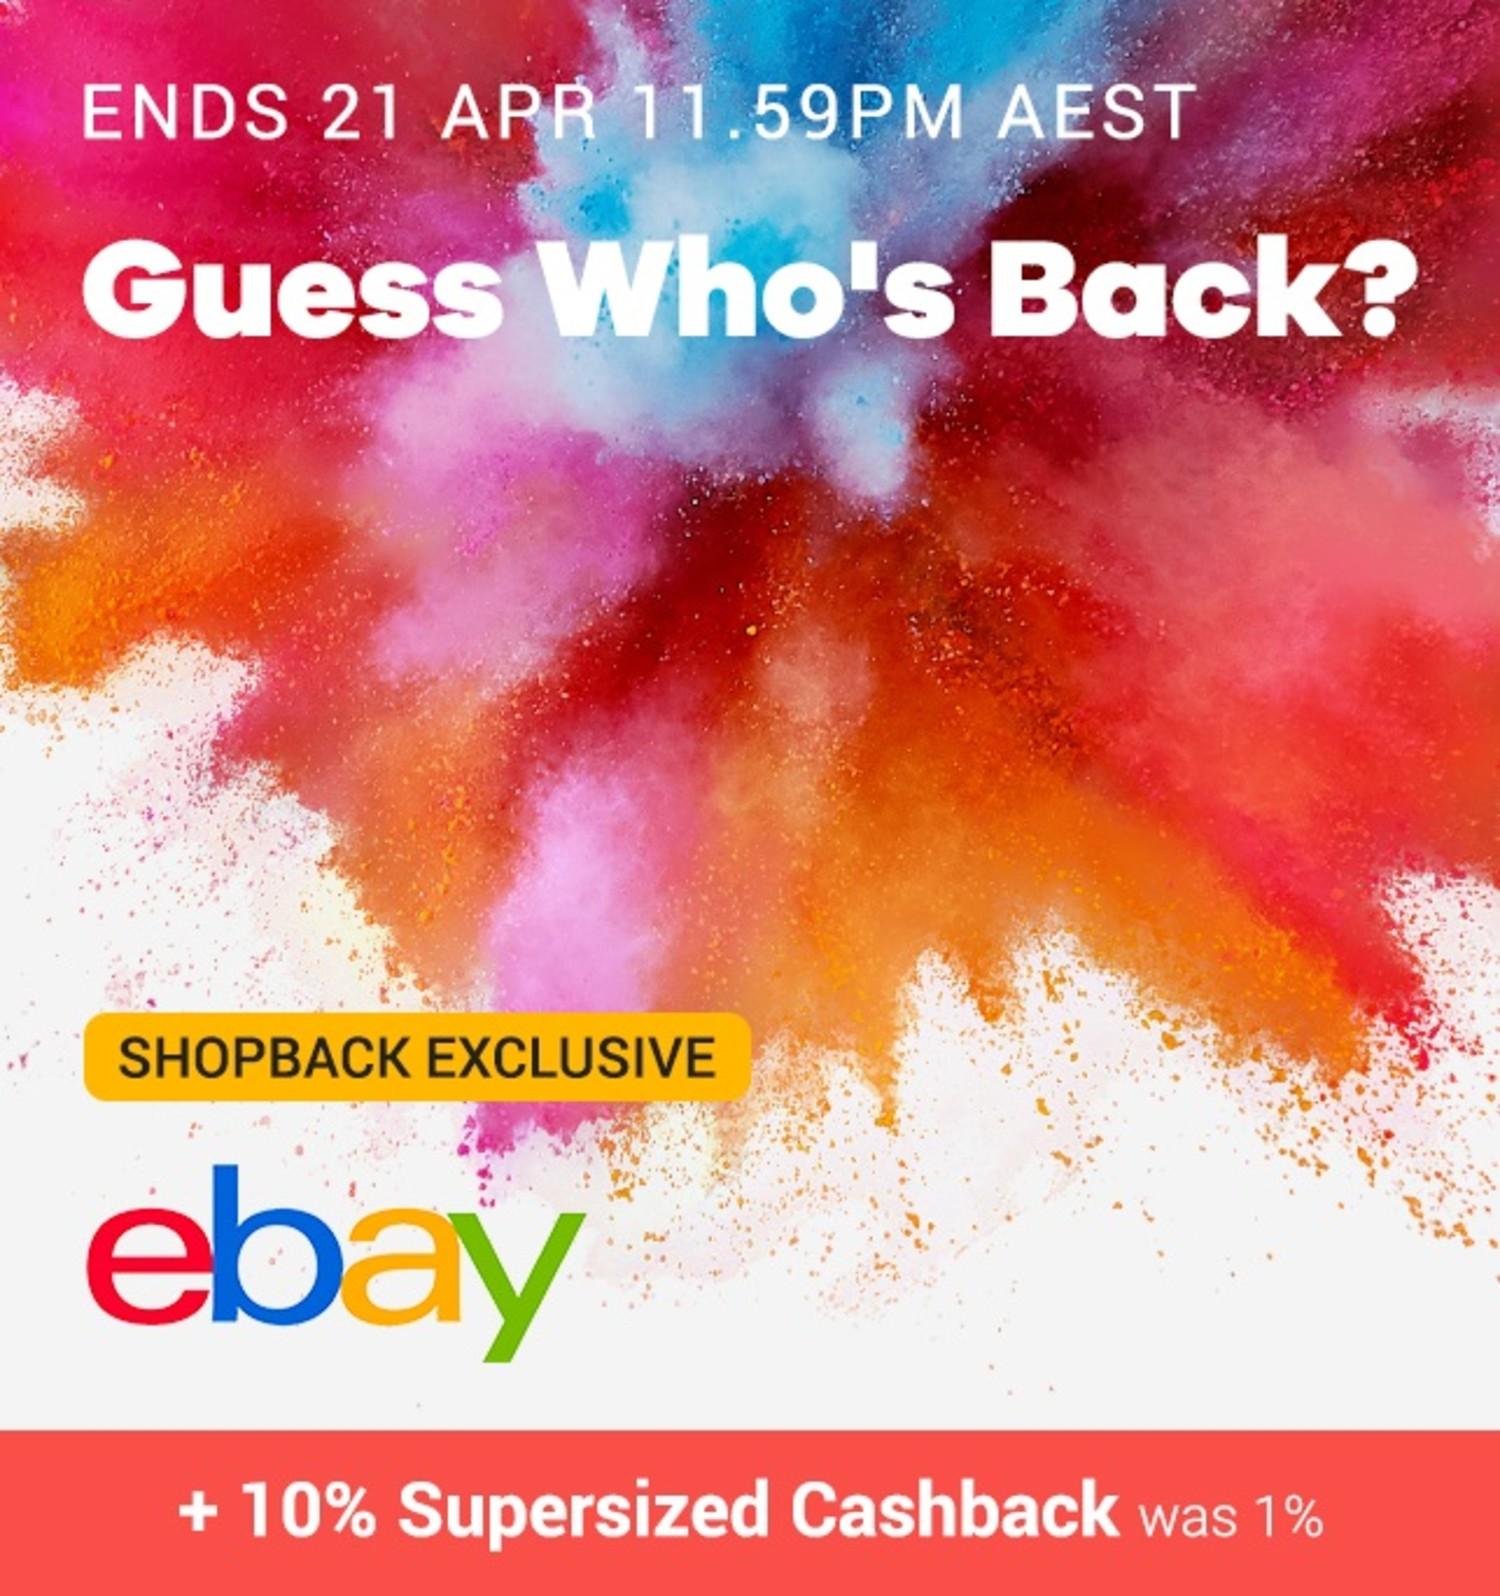 eBay - 10% Cashback Birthday